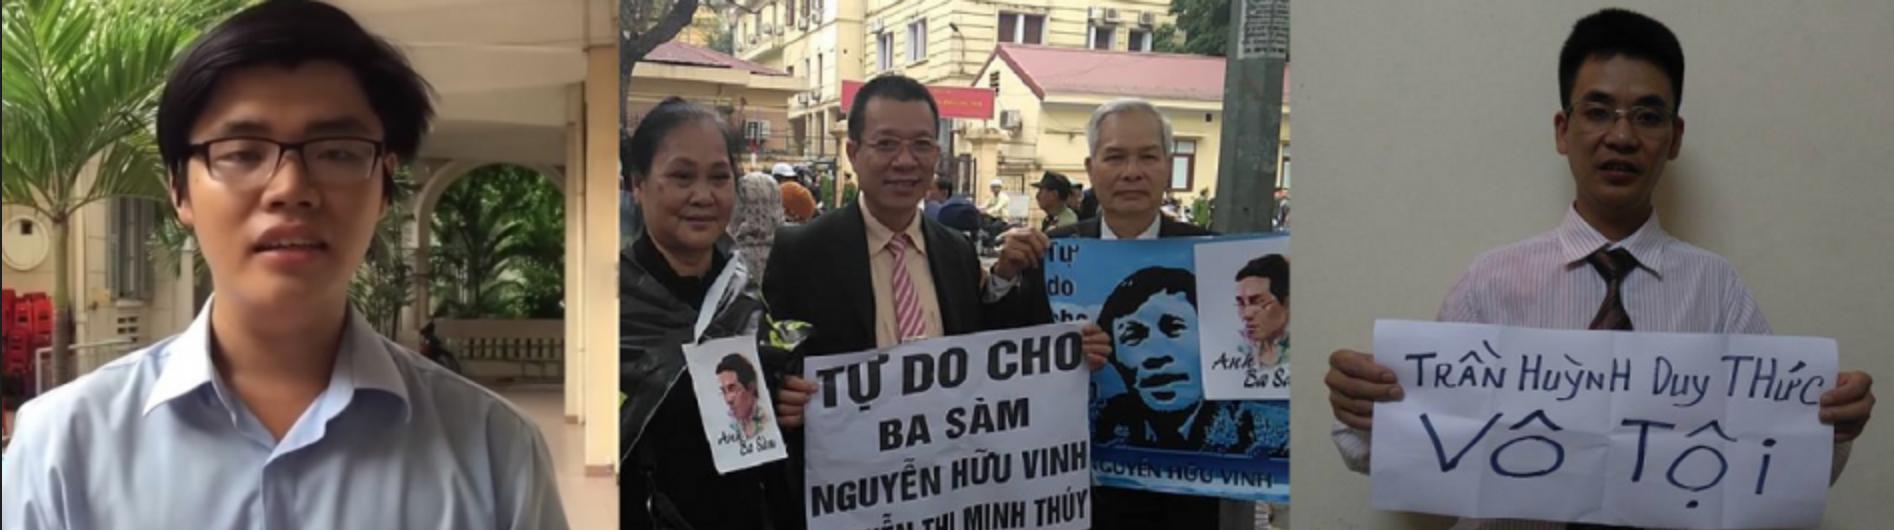 Ân Xá Quốc Tế kêu gọi thả 3 người bảo vệ nhân quyền: Vũ Quang Thuận, Nguyễn Văn Điển & Trần Hoàng Phúc